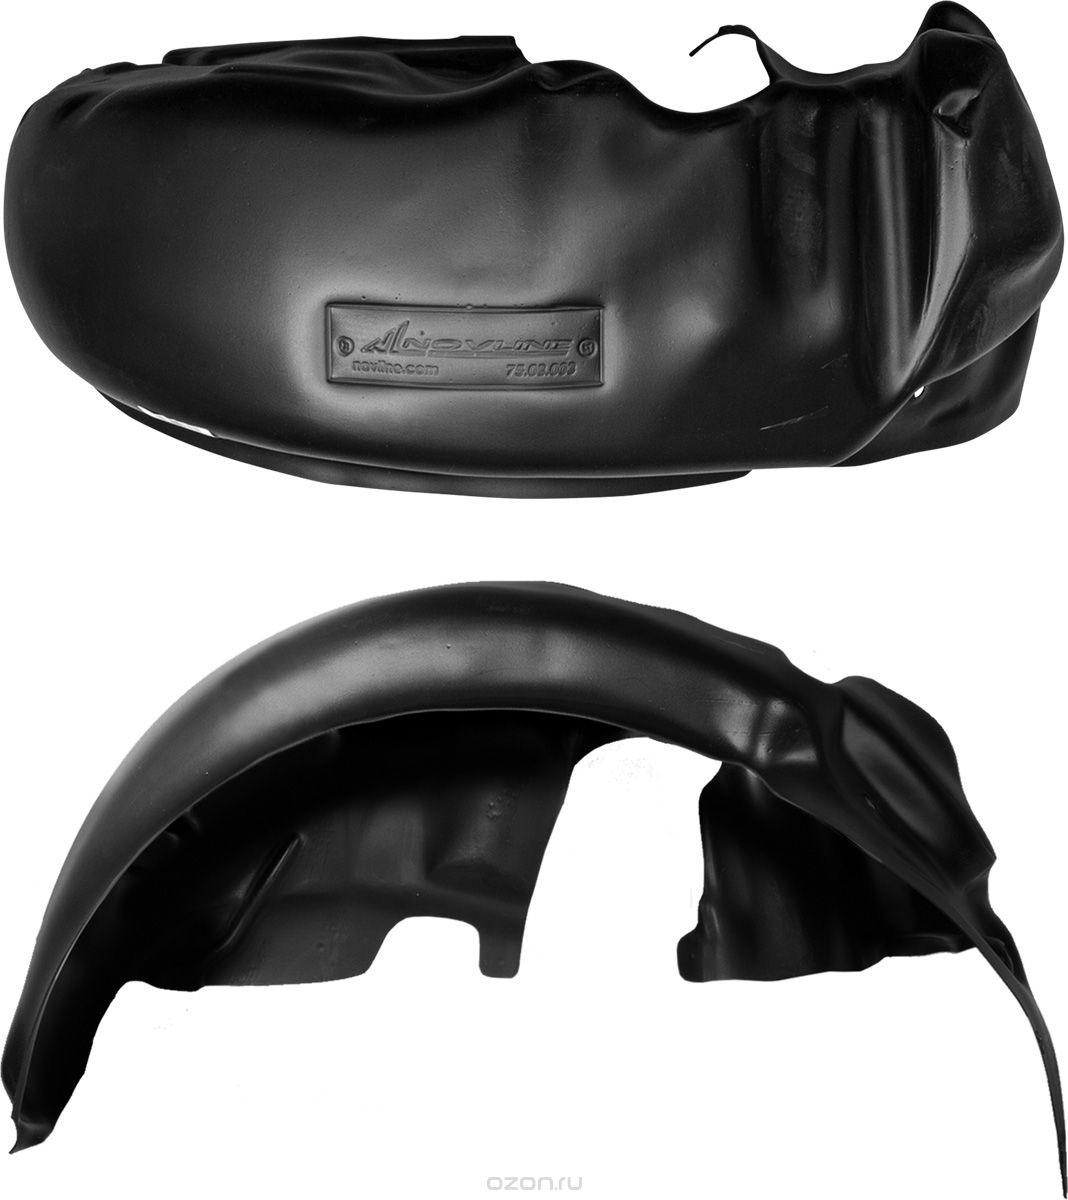 Подкрылок Novline-Autofamily, для HYUNDAI i20 2009->, задний левыйVCA-00Идеальная защита колесной ниши. Локеры разработаны с применением цифровых технологий, гарантируют максимальную повторяемость поверхности арки. Изделия устанавливаются без нарушения лакокрасочного покрытия автомобиля, каждый подкрылок комплектуется крепежом. Уважаемые клиенты, обращаем ваше внимание, что фотографии на подкрылки универсальные и не отражают реальную форму изделия. При этом само изделие идет точно под размер указанного автомобиля.